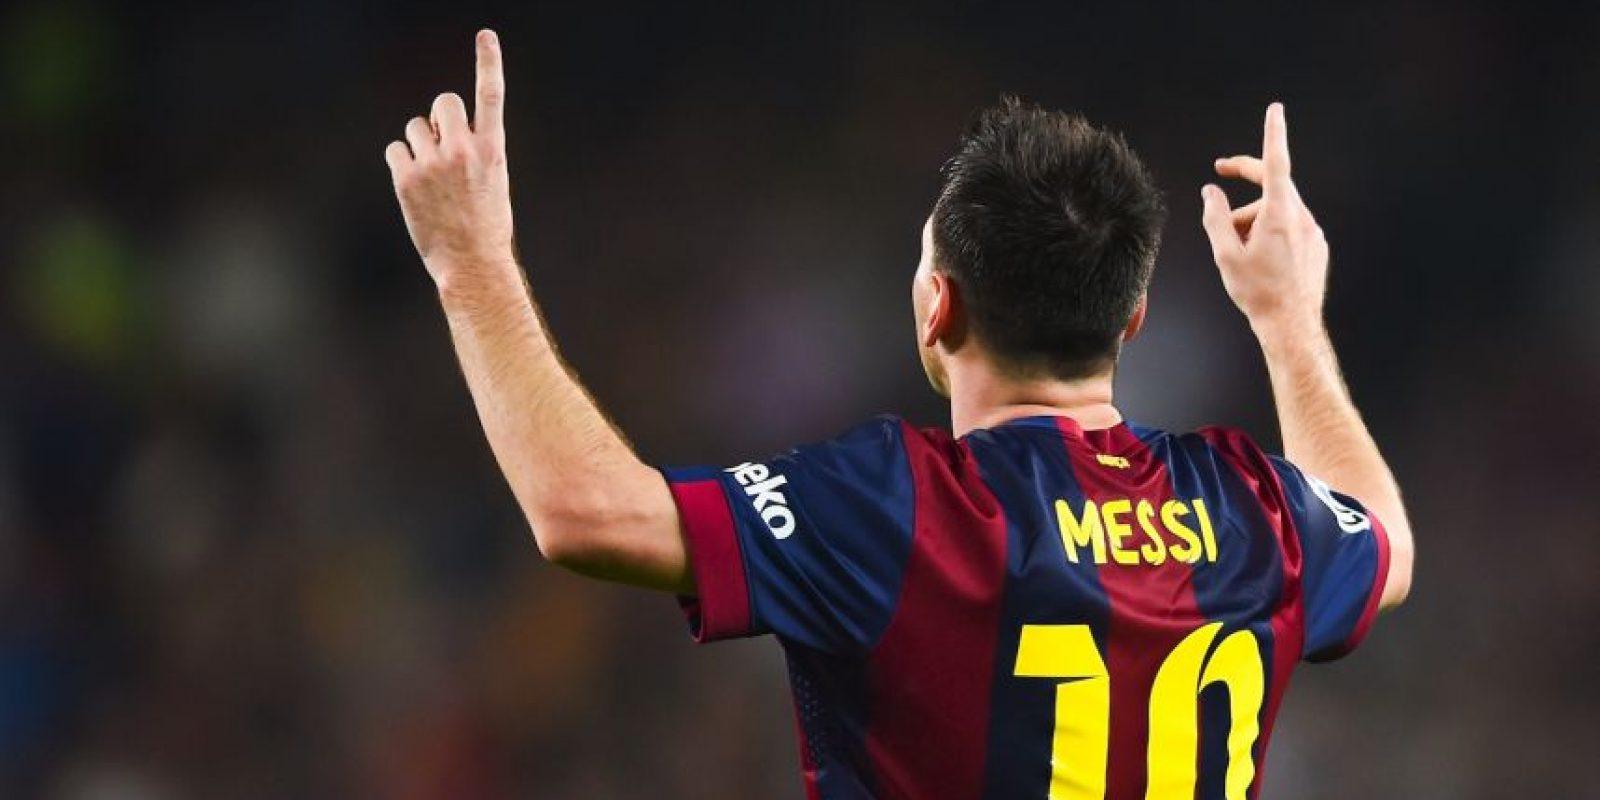 Máximo goleador como local en una temporada en la Liga: 35 goles en el Camp Nou en la Liga 2011/12. Foto:Getty Images